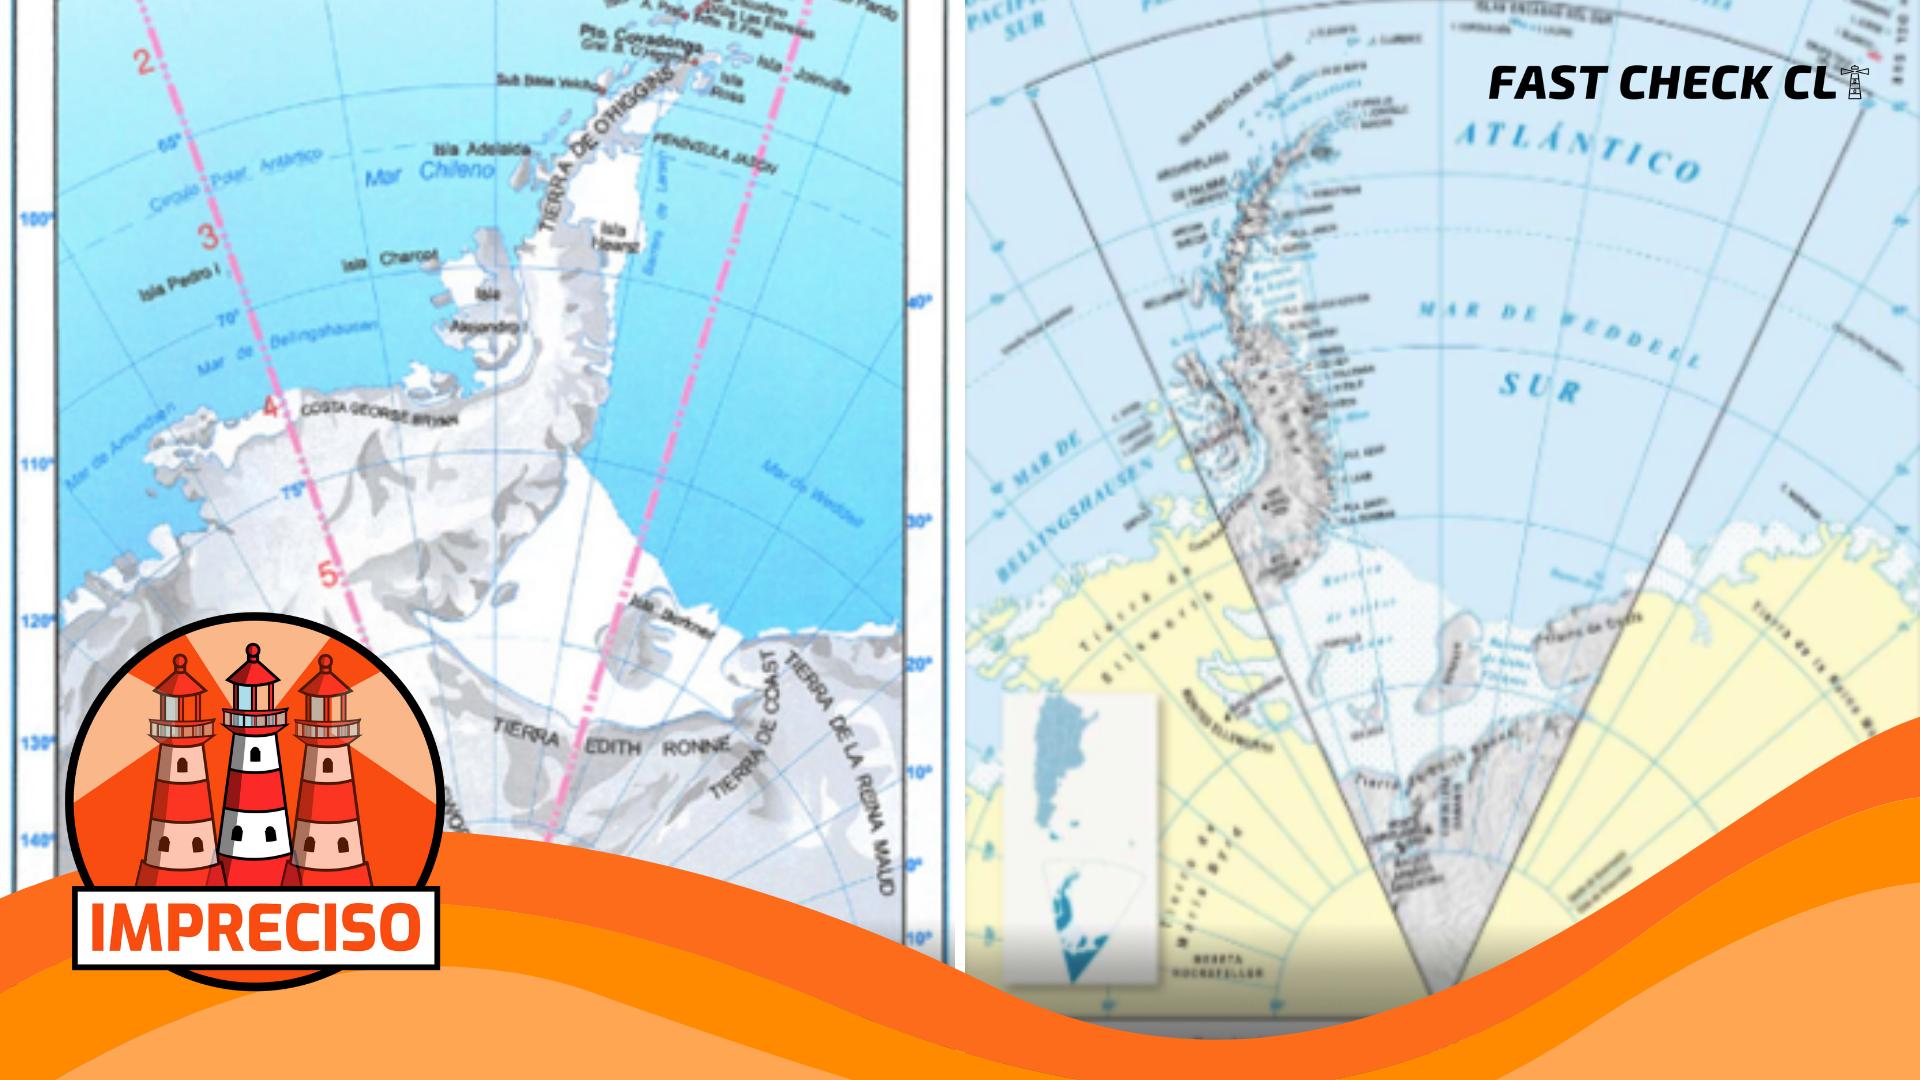 Nuevo mapa oficial argentino incluye territorio chileno: #Impreciso